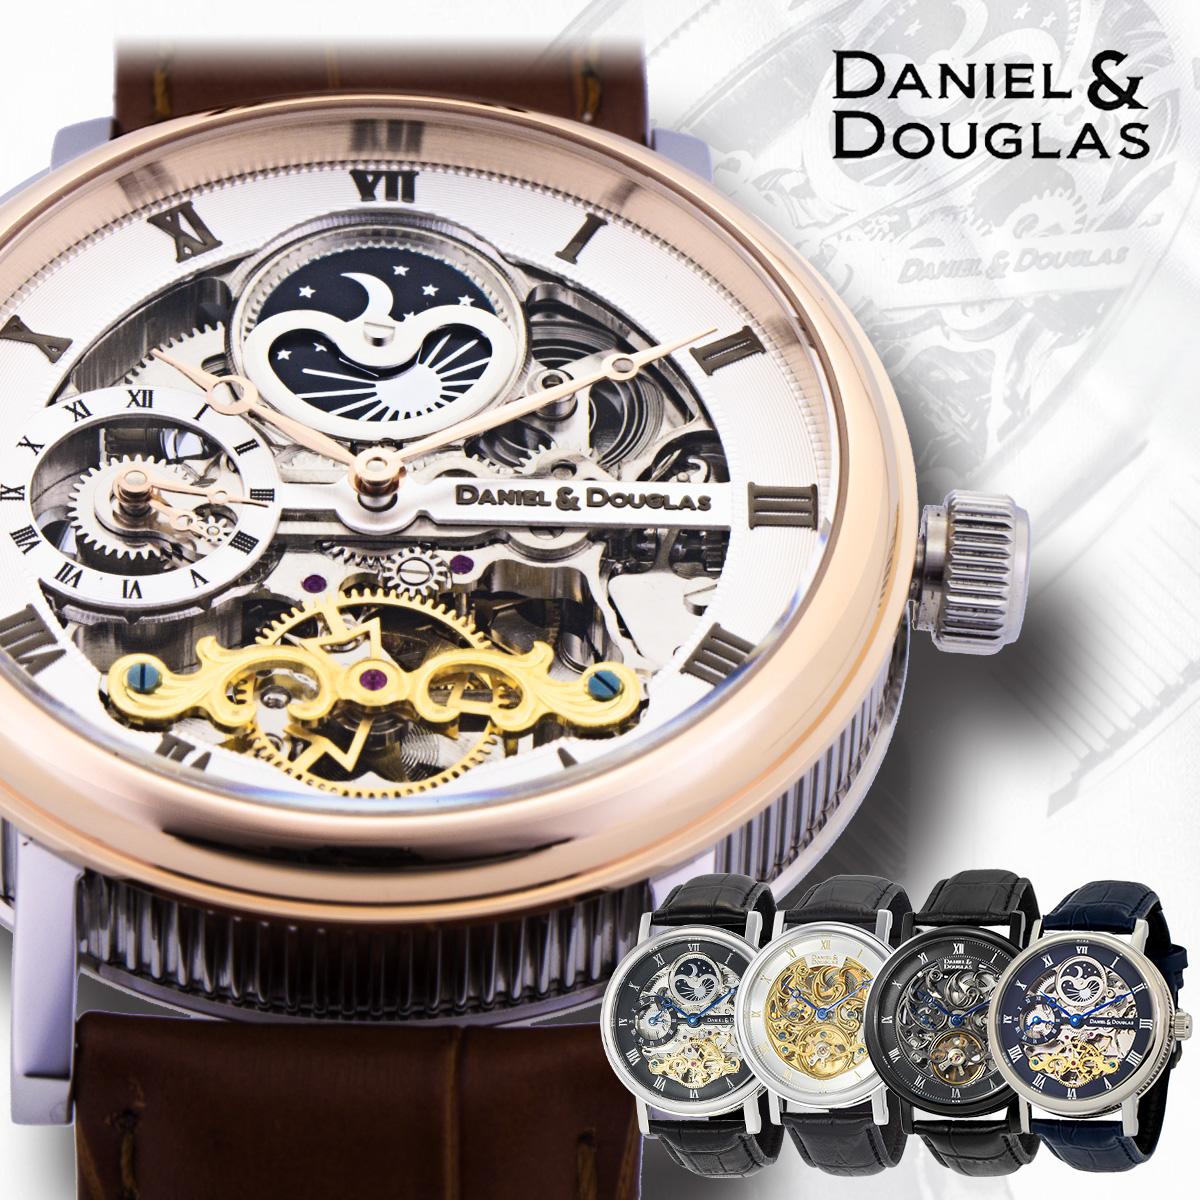 【全品送料無料】 DANIEL&DOUGLAS ダニエルアンドダグラス 腕時計 メンズウォッチ 自動巻き 機械式 スケルトン 腕時計 DD8805 DD8806 父の日 プレゼント